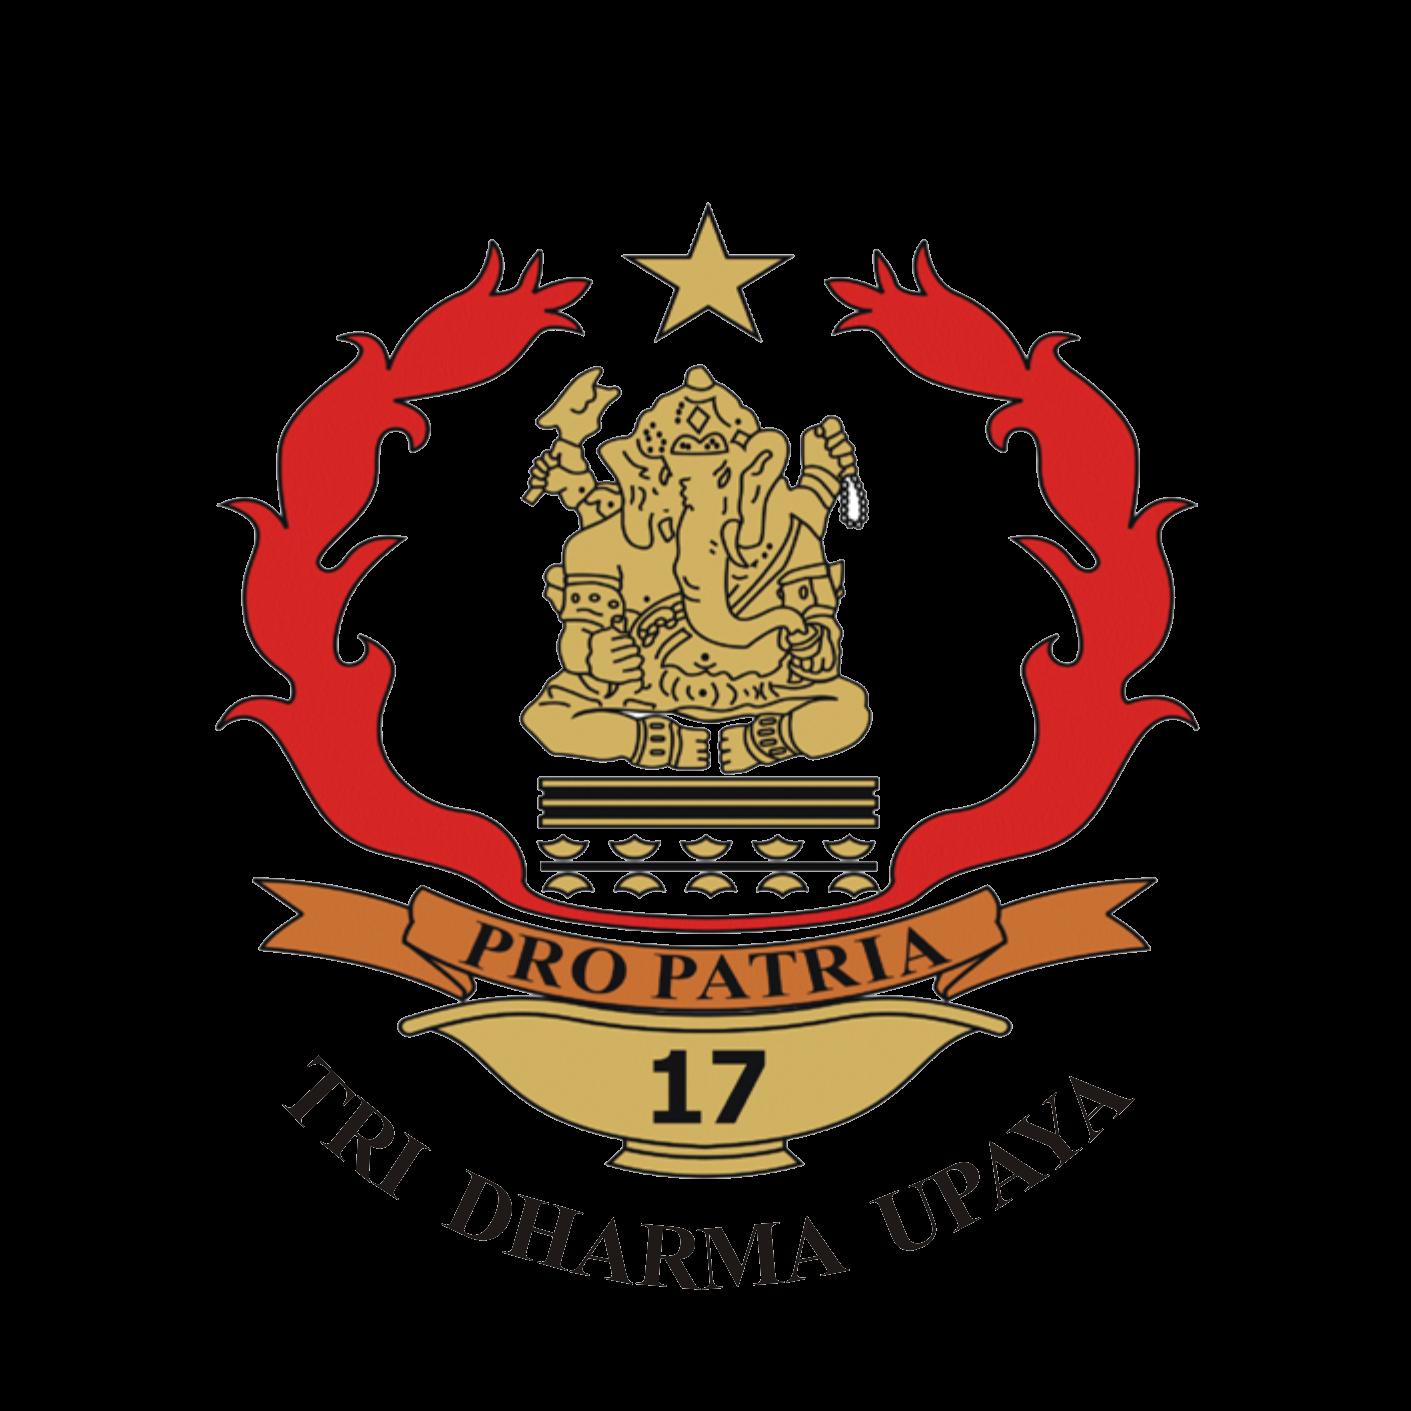 cropped-cropped-04002-Logo-YP-17-Tri-Dharma-Upaya-trans.png